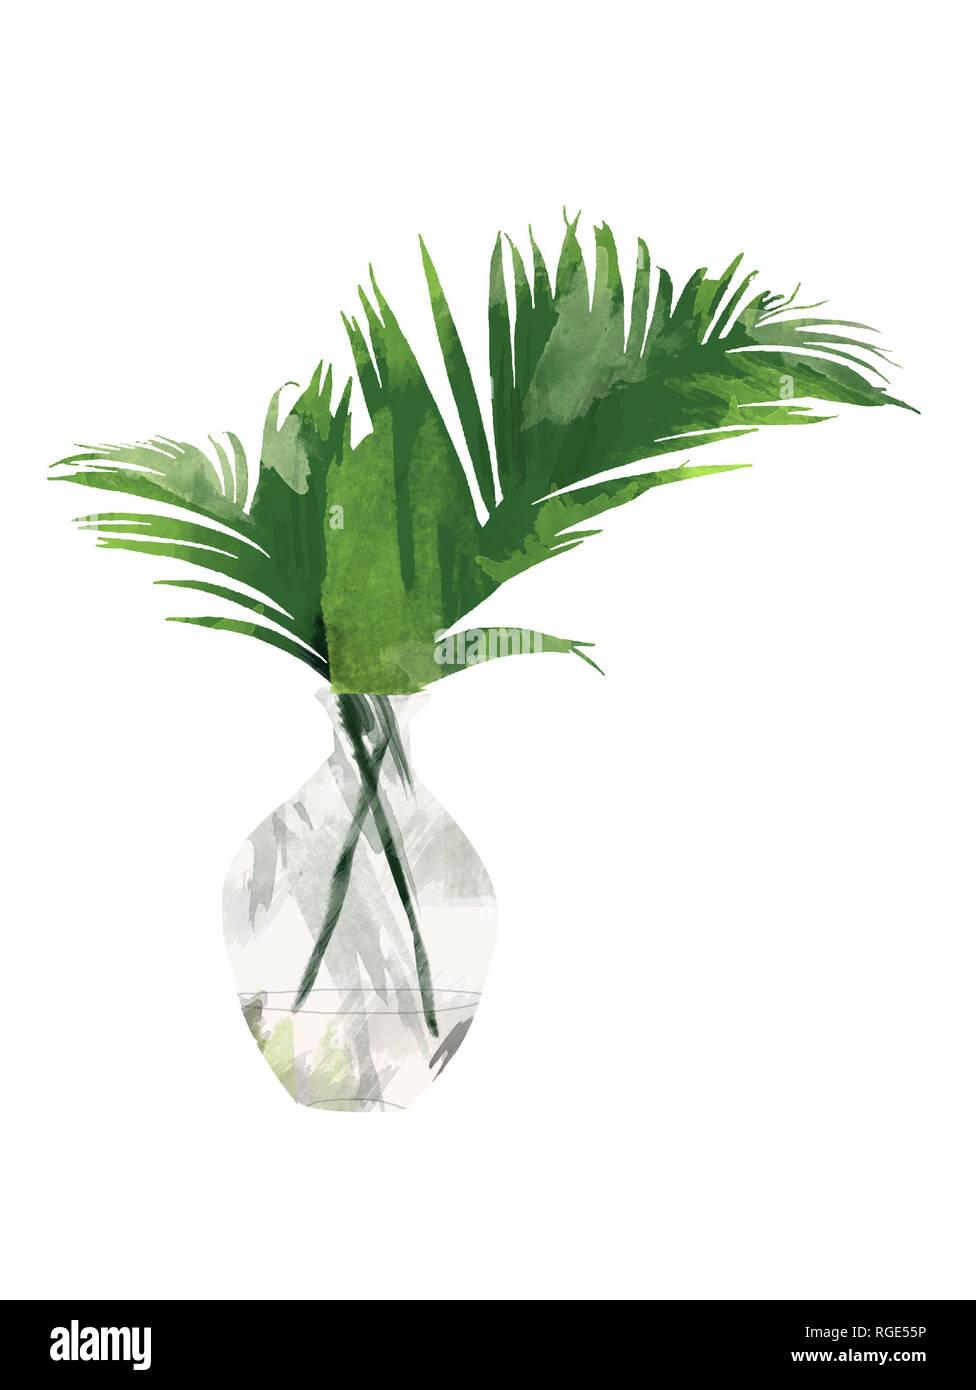 Von Hand bemalt tropischen Areca palm leaf in der Flasche oder Vase auf weißem Hintergrund. Florale Botanical clip art für Design oder Drucken - Abbildung Stockbild